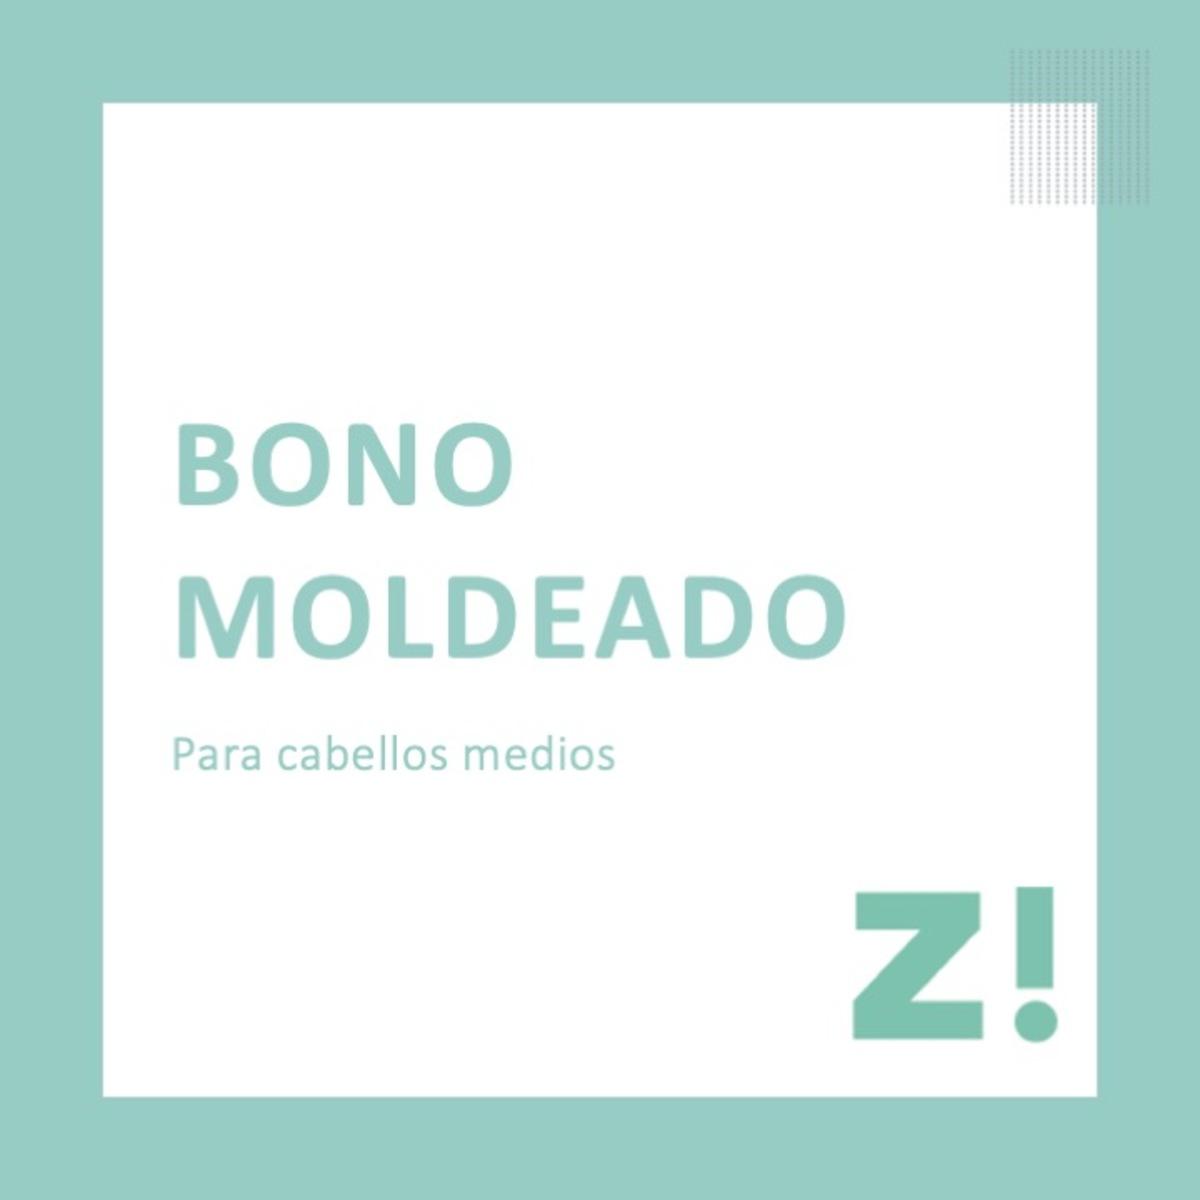 Bono moldeado cabello semi-largo PARA CANJEAR EN PASSARÓ PLAZA SAN BRIZ